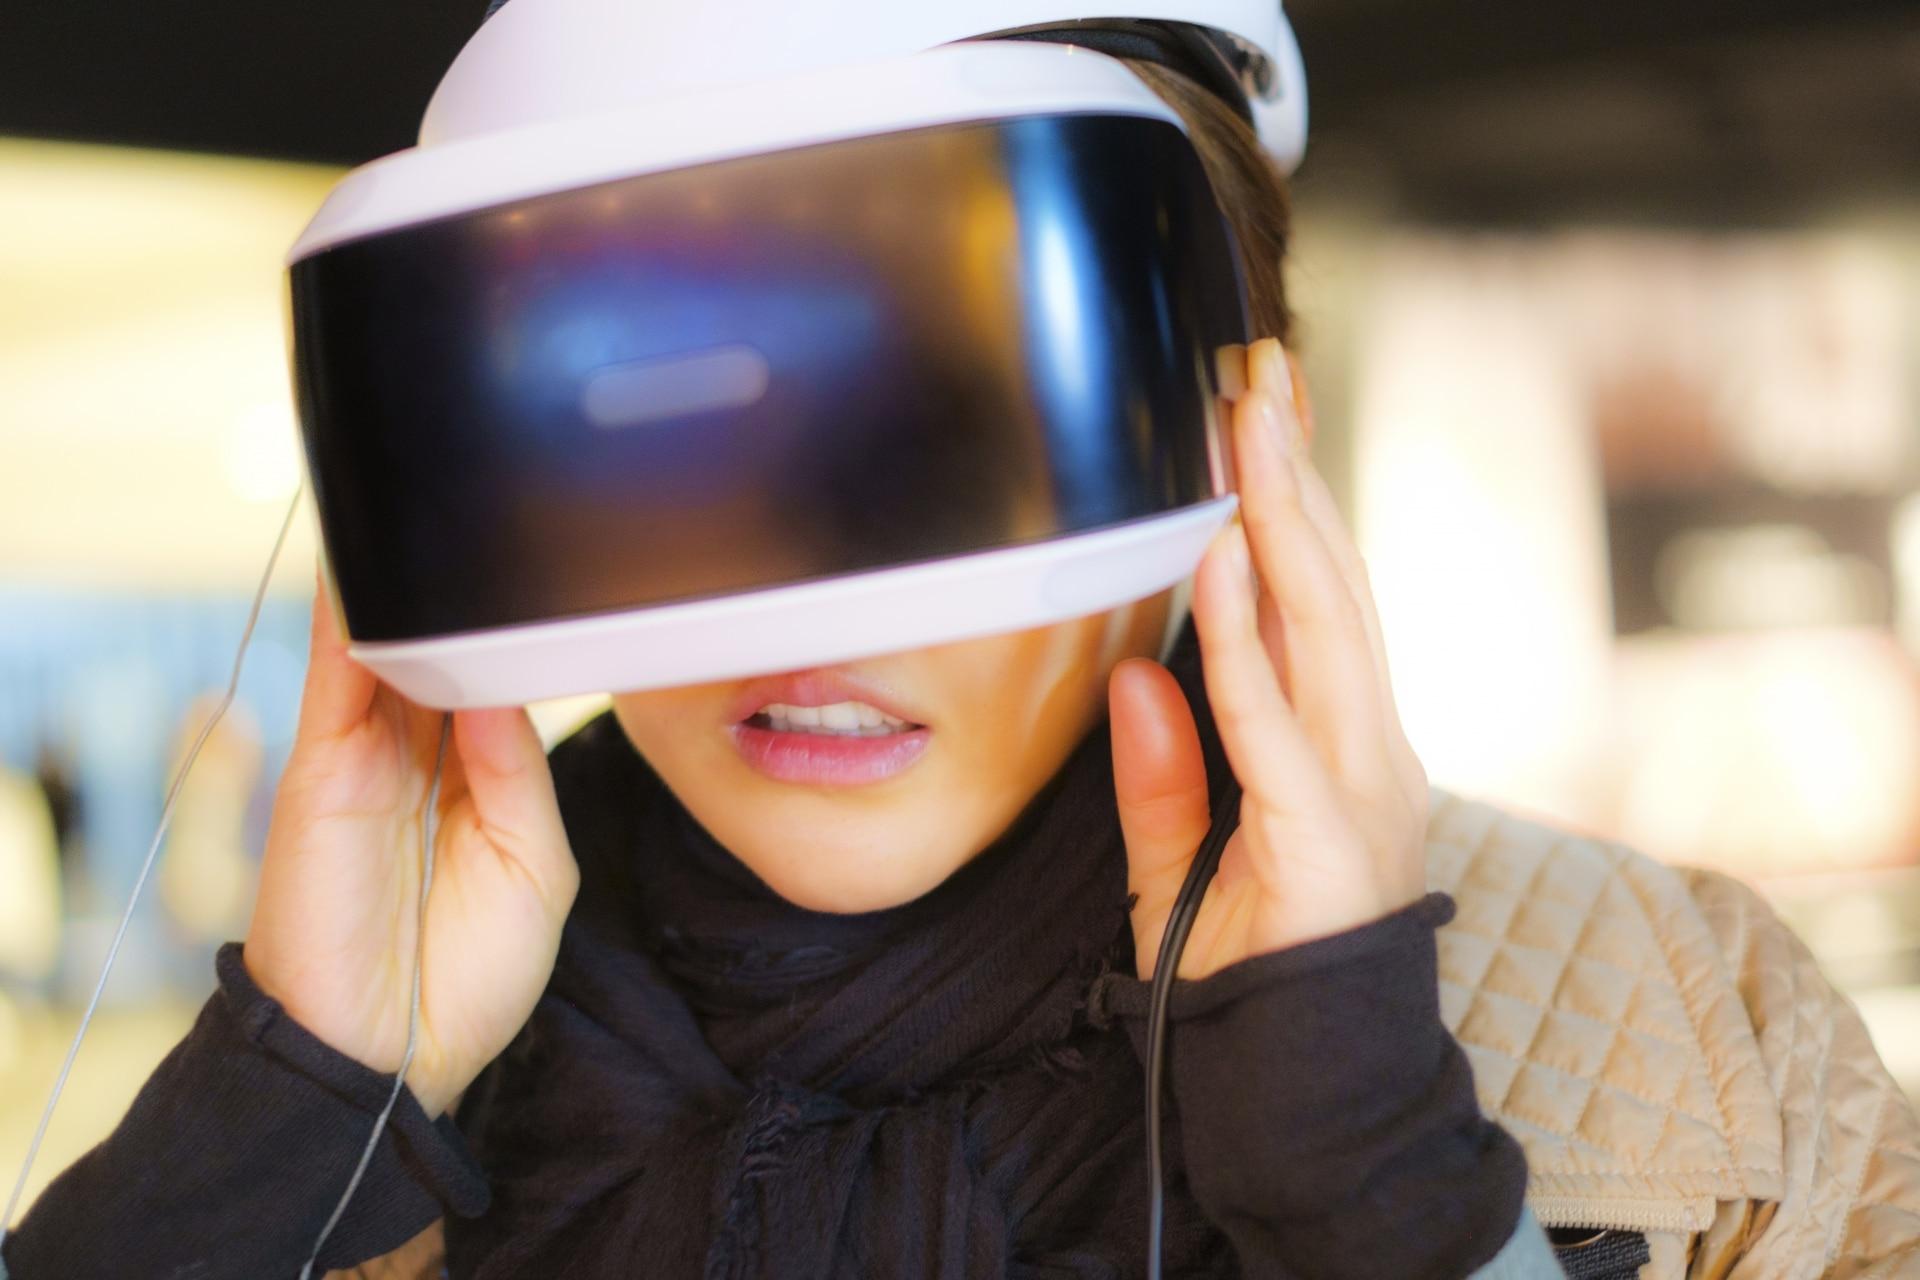 VRをする女性